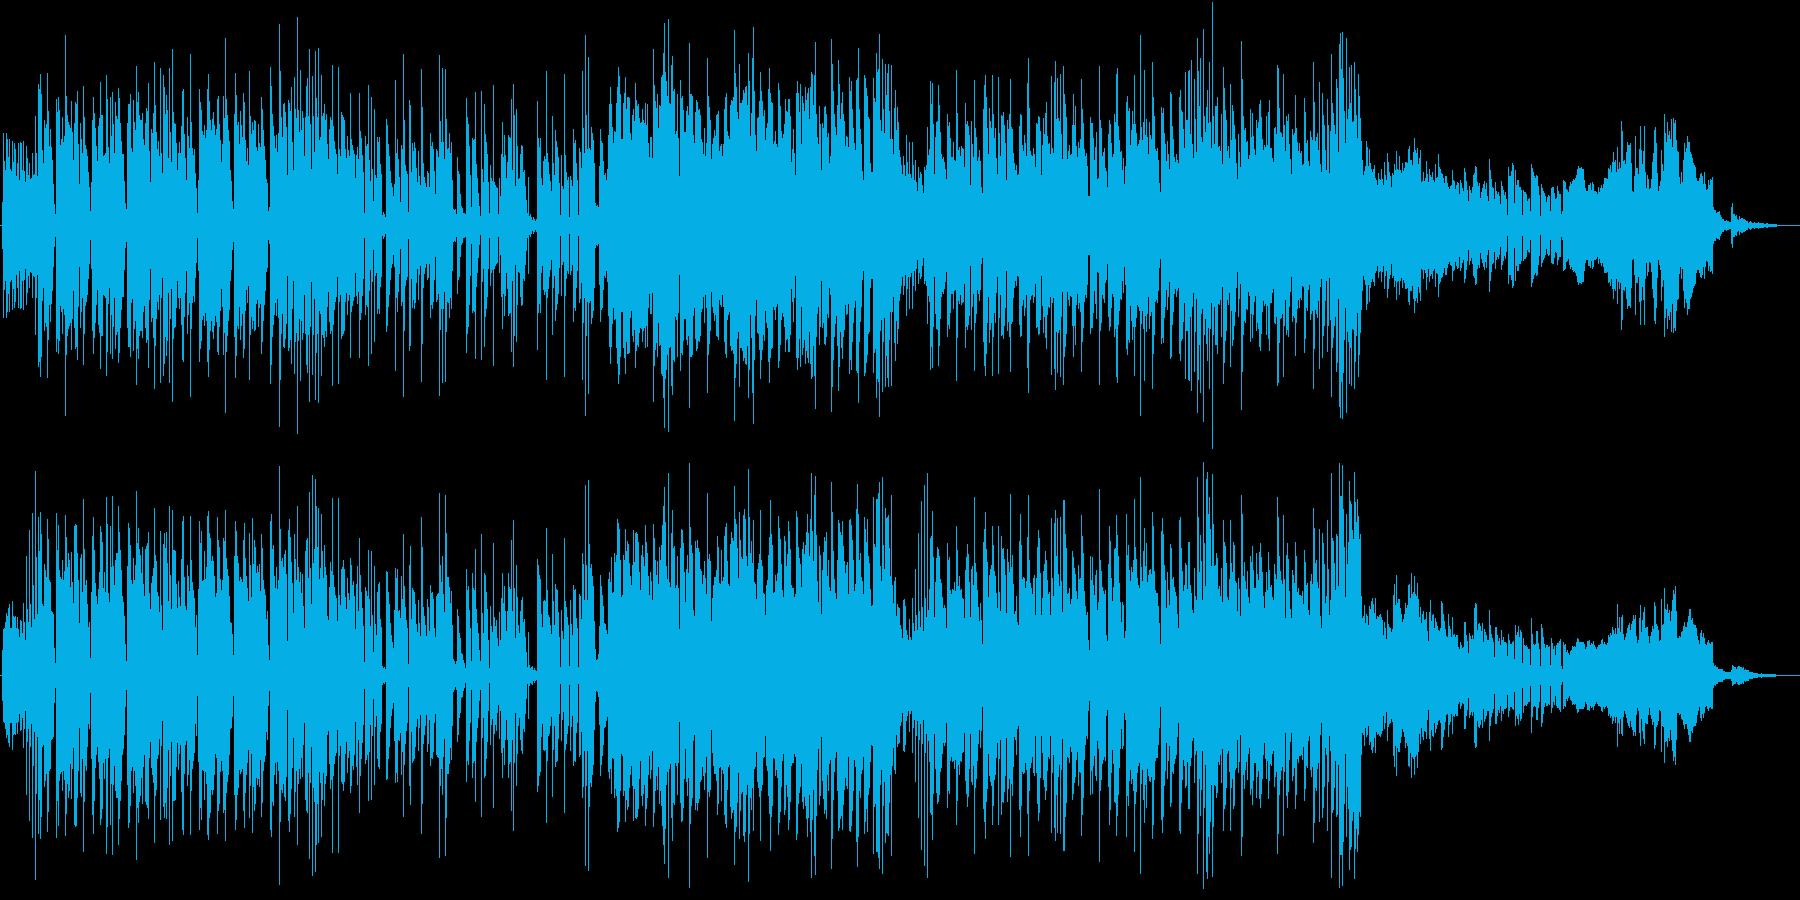 かわいい動物をイメージしたポップなBGMの再生済みの波形